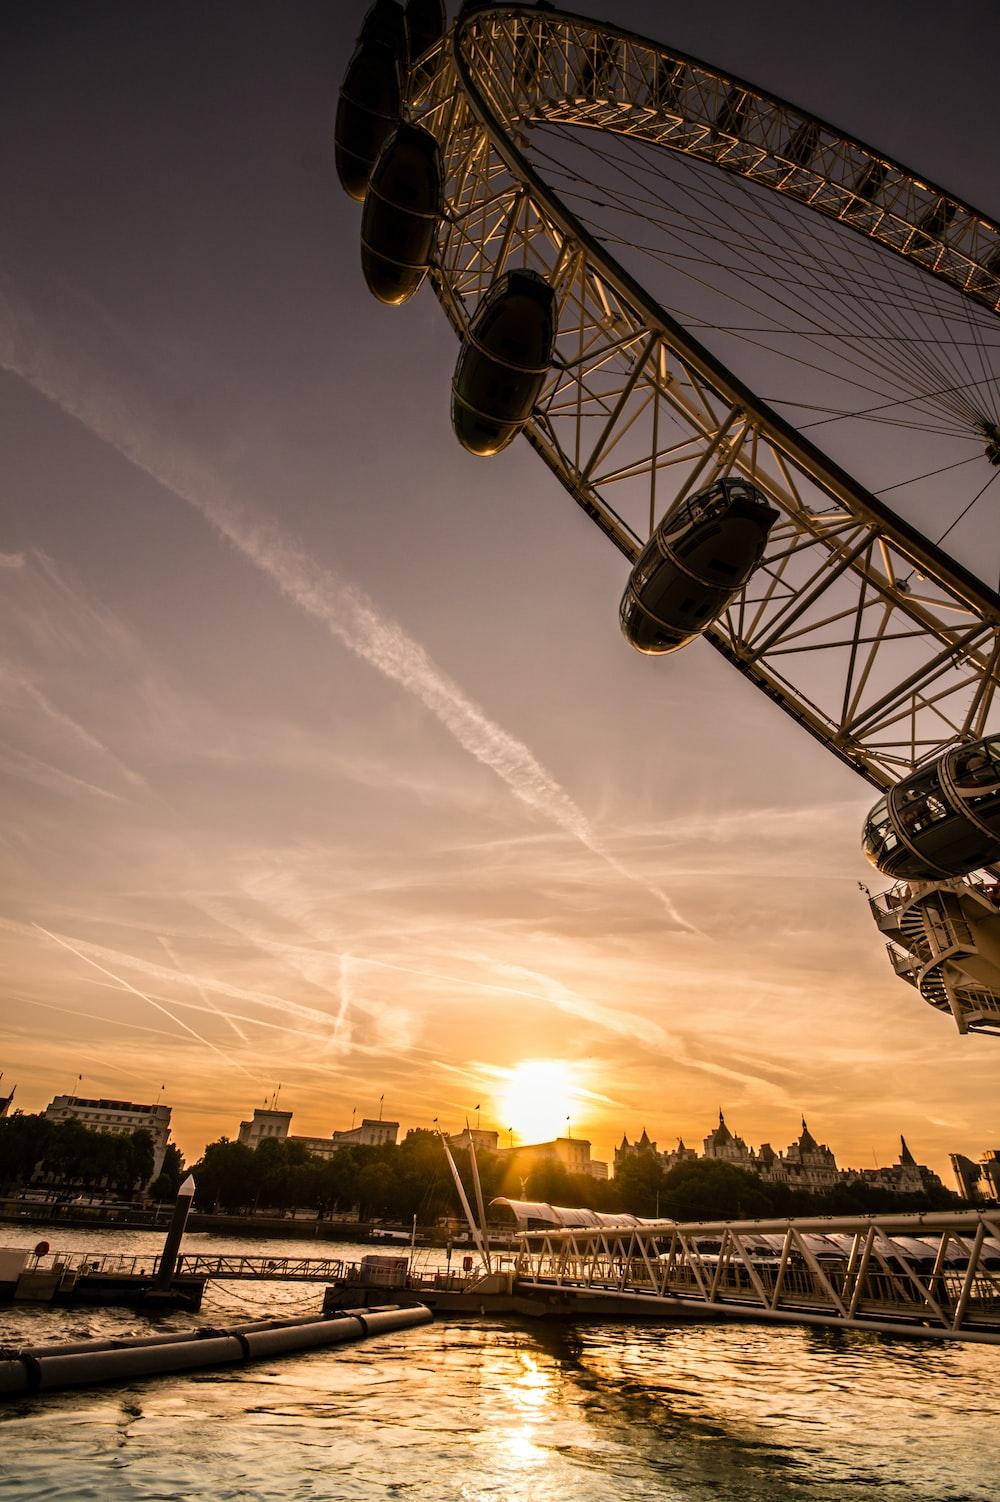 ferris wheel near bridge at golden hour